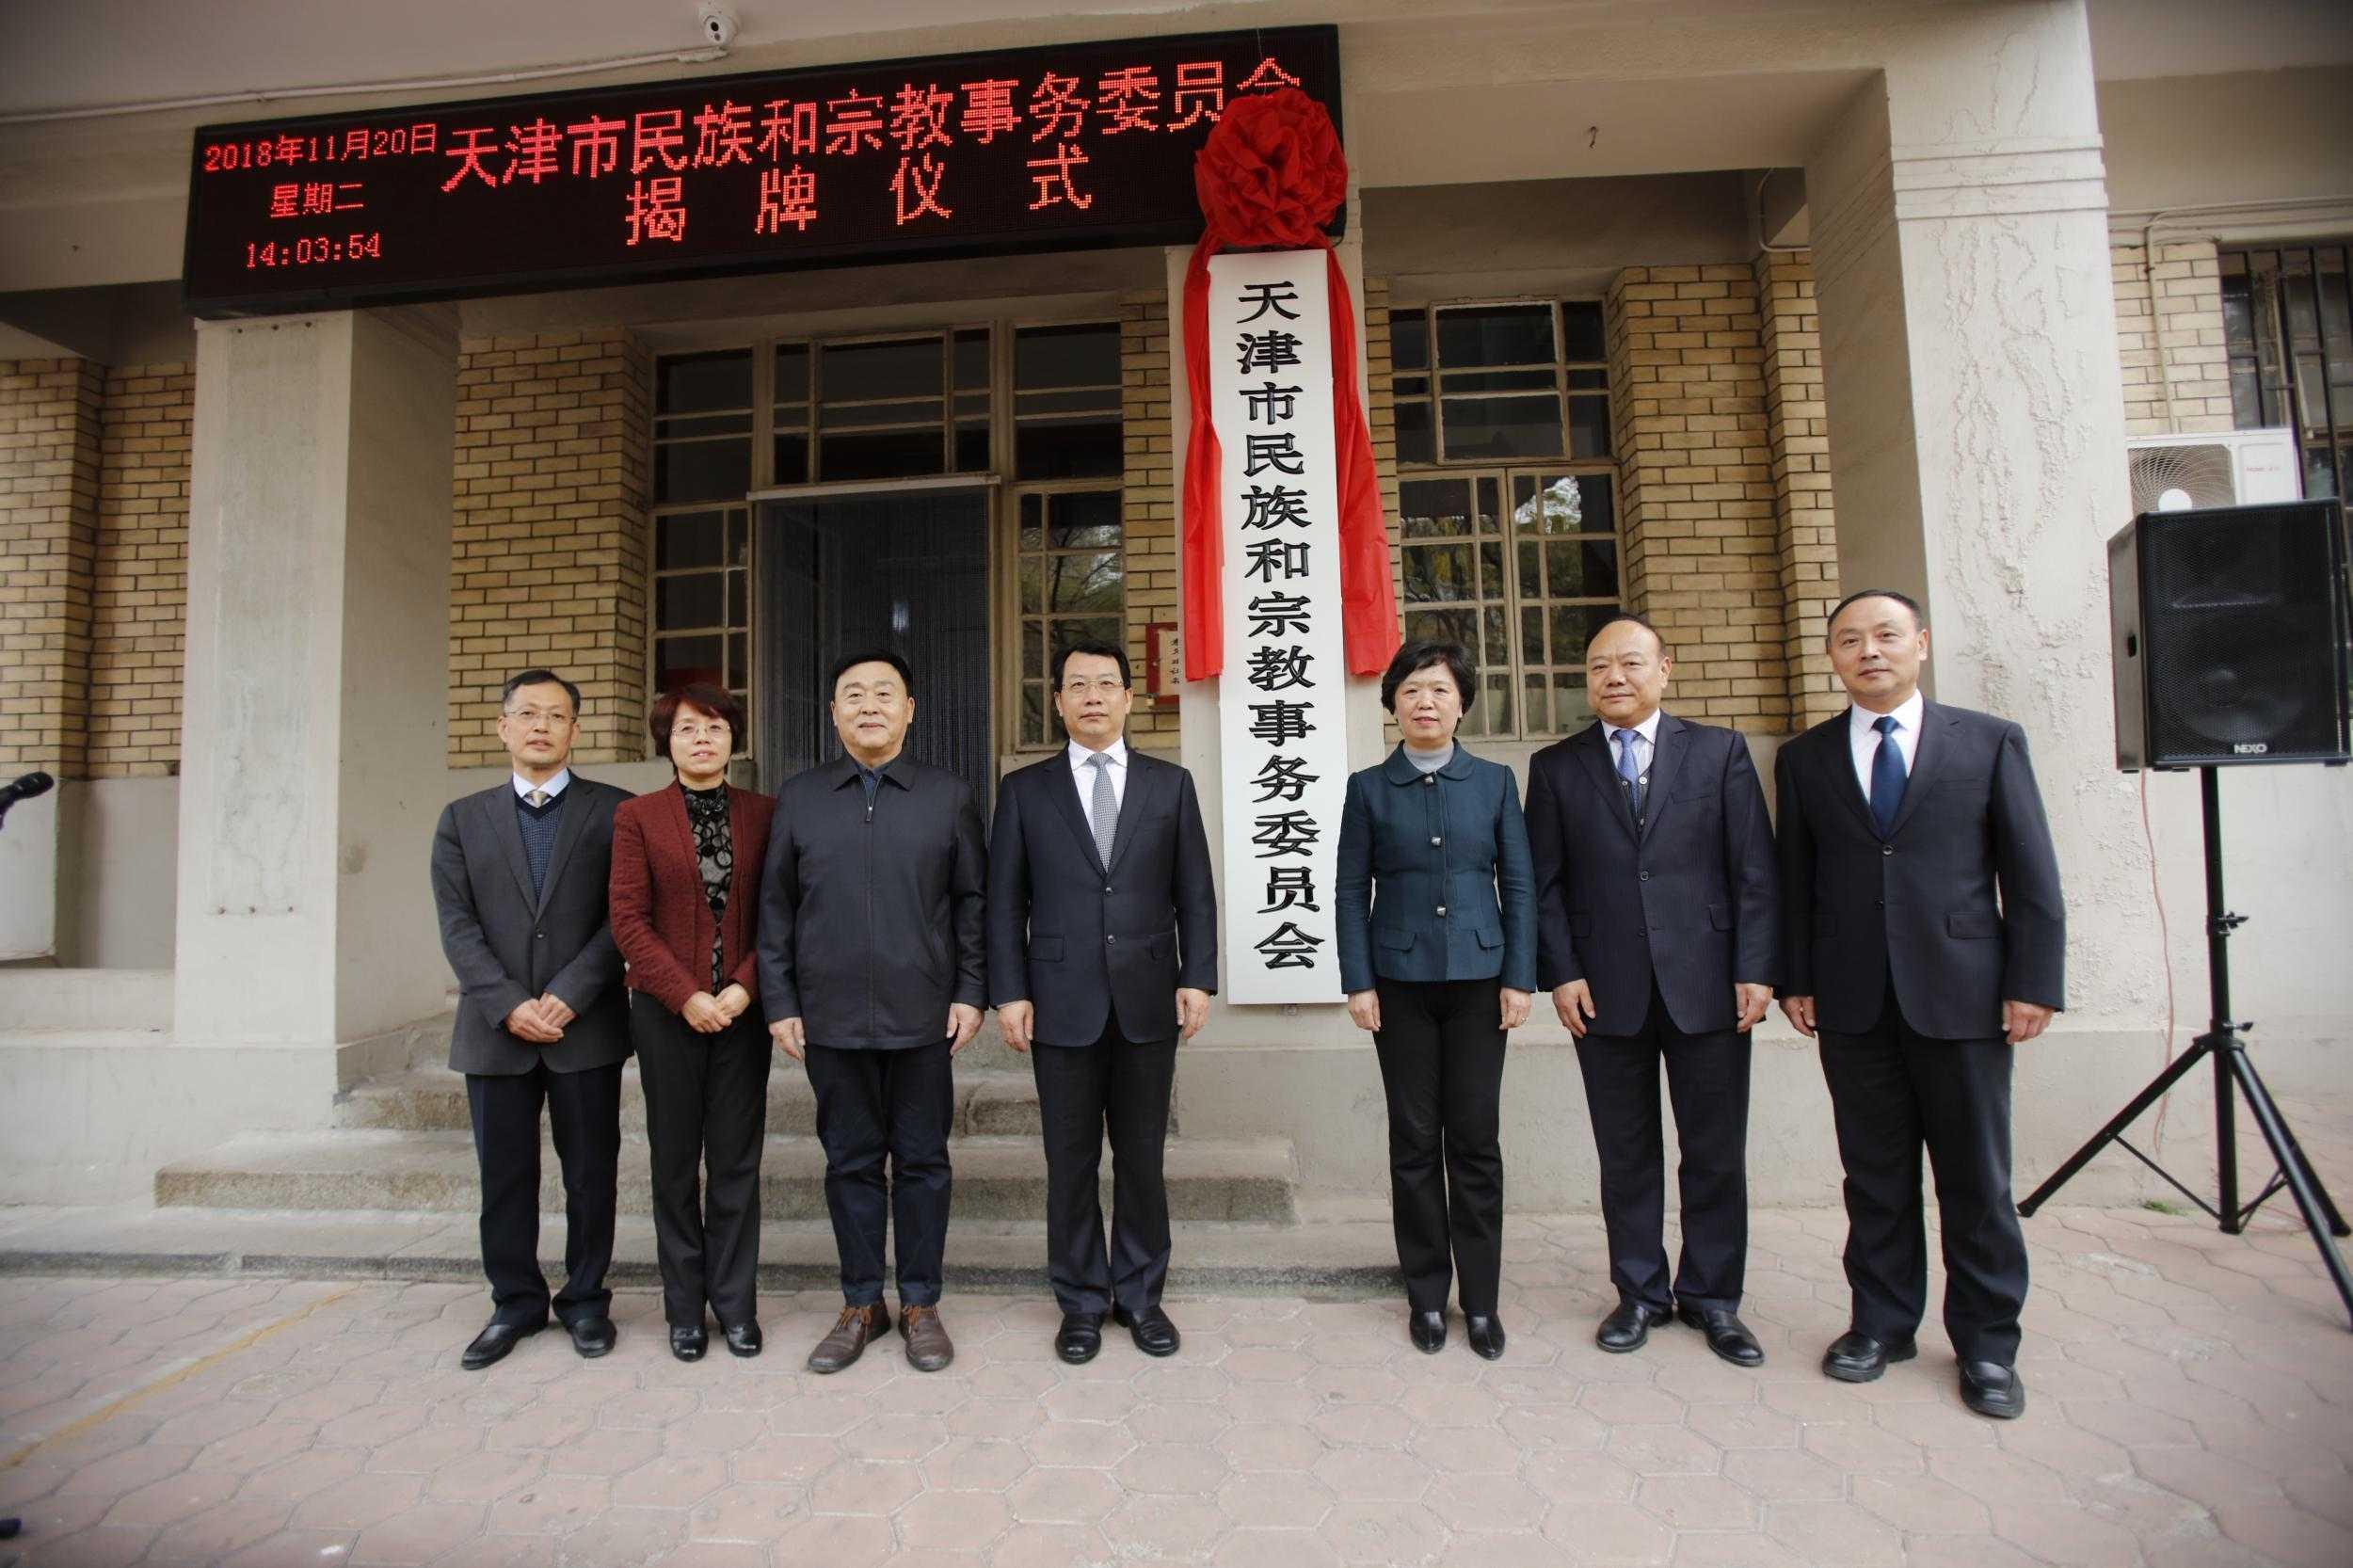 天津市民族和宗教事务委员会举行揭牌仪式